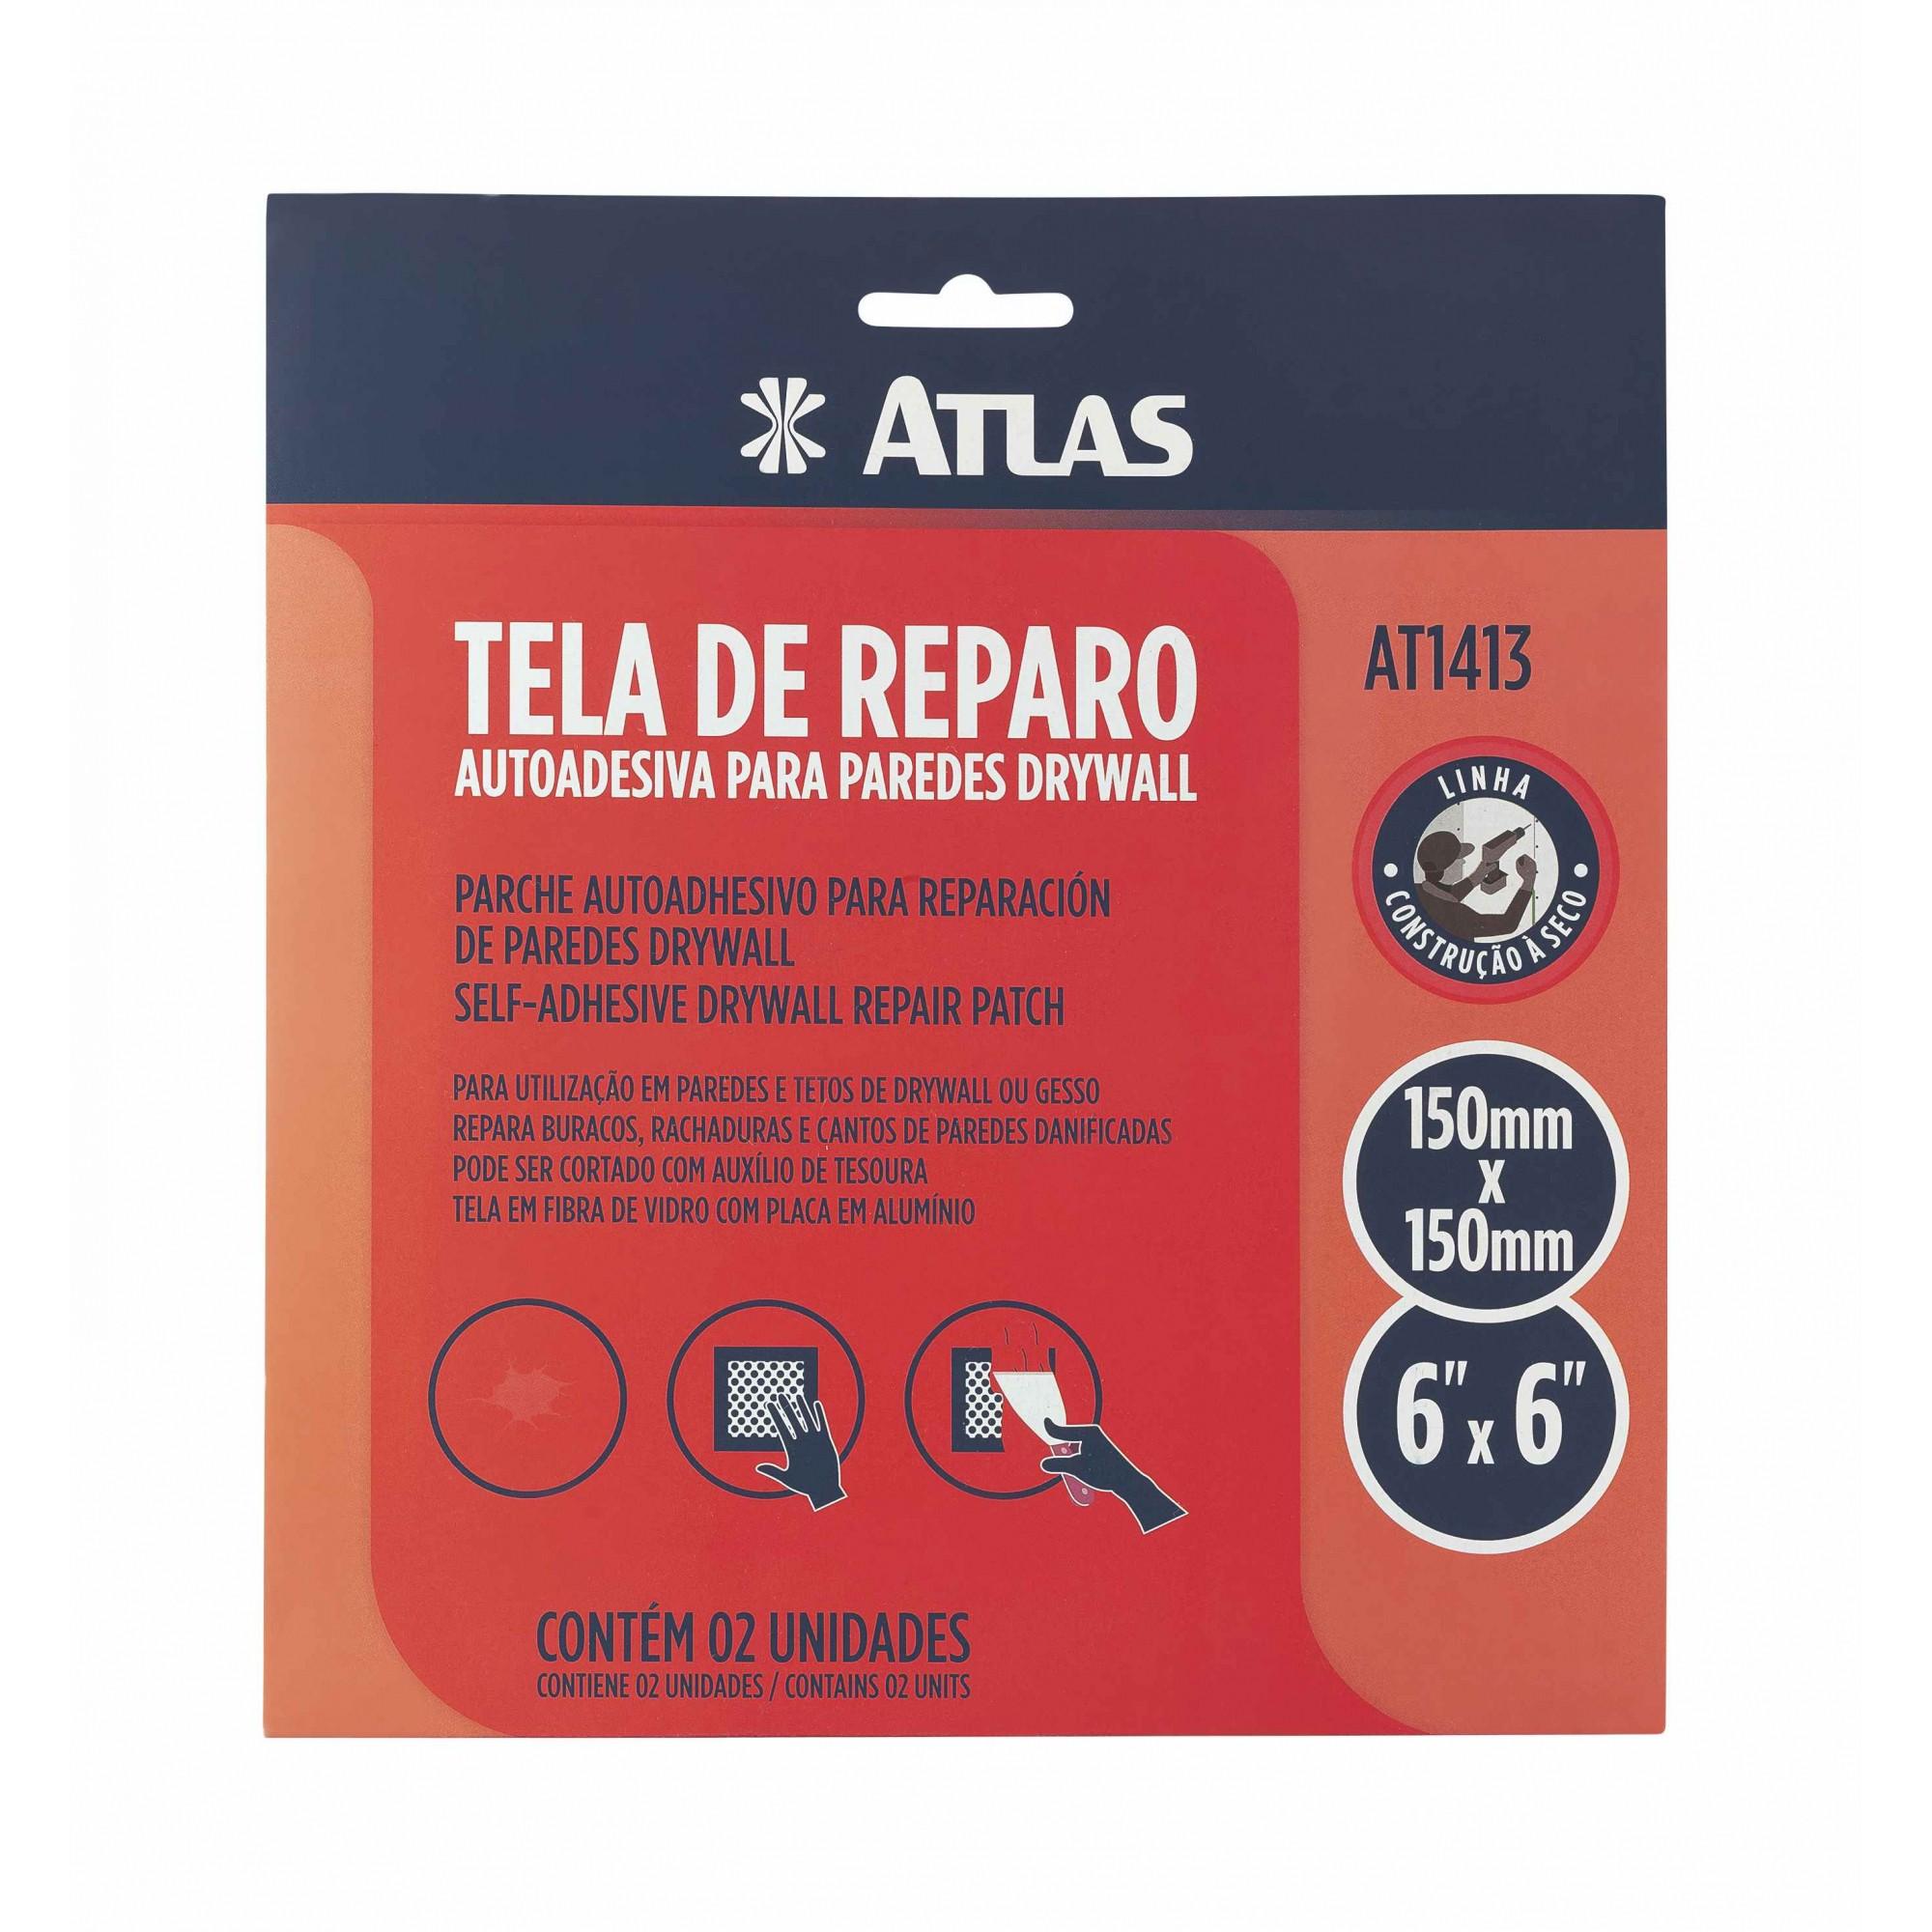 Tela de Reparo Auto Adesiva para Drywall com 2 Unidades 15 X 15 Cm Atlas AT1413.